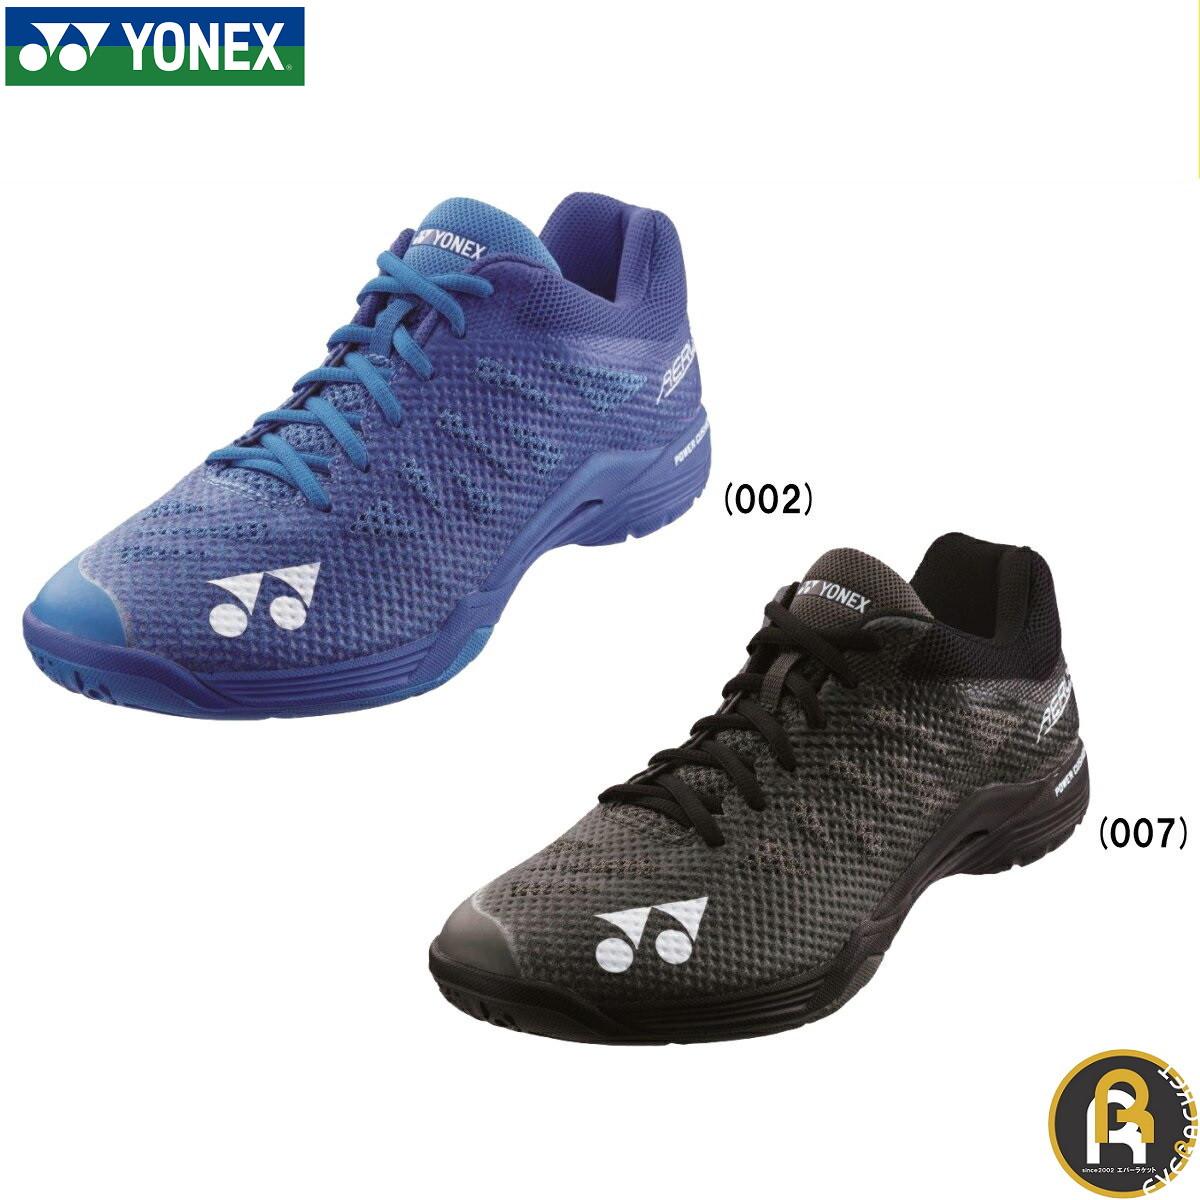 【お買い得商品】 YONEX ヨネックス バドミントン シューズ バドミントン シューズシューズ パワークッションエアラス3メン SHBA3M